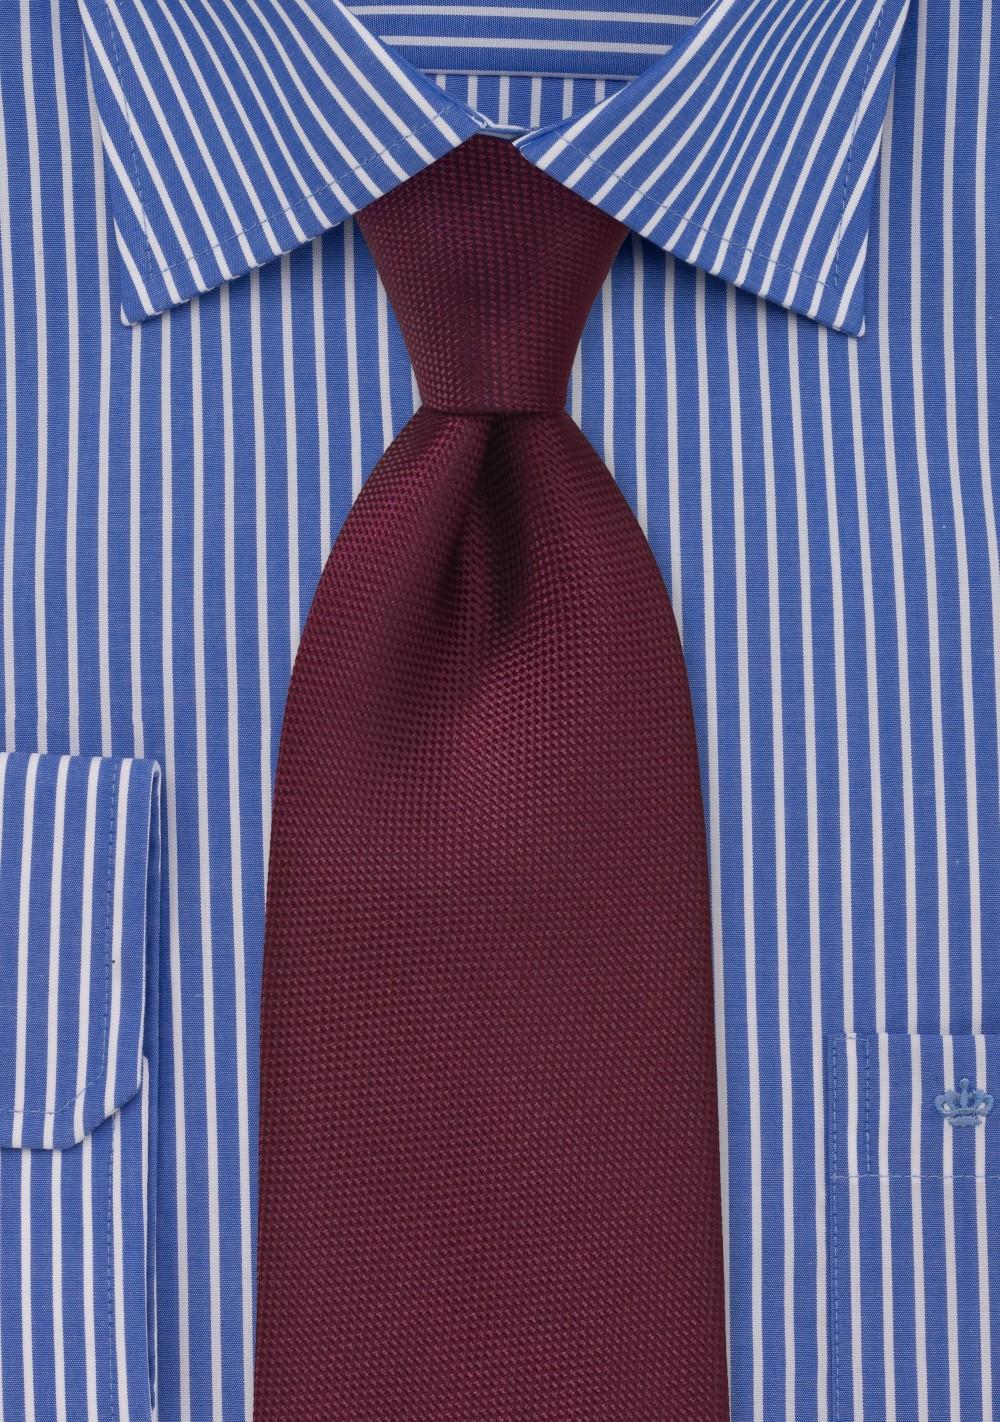 Solid Maroon Men's Tie | Cheap-Neckties.com